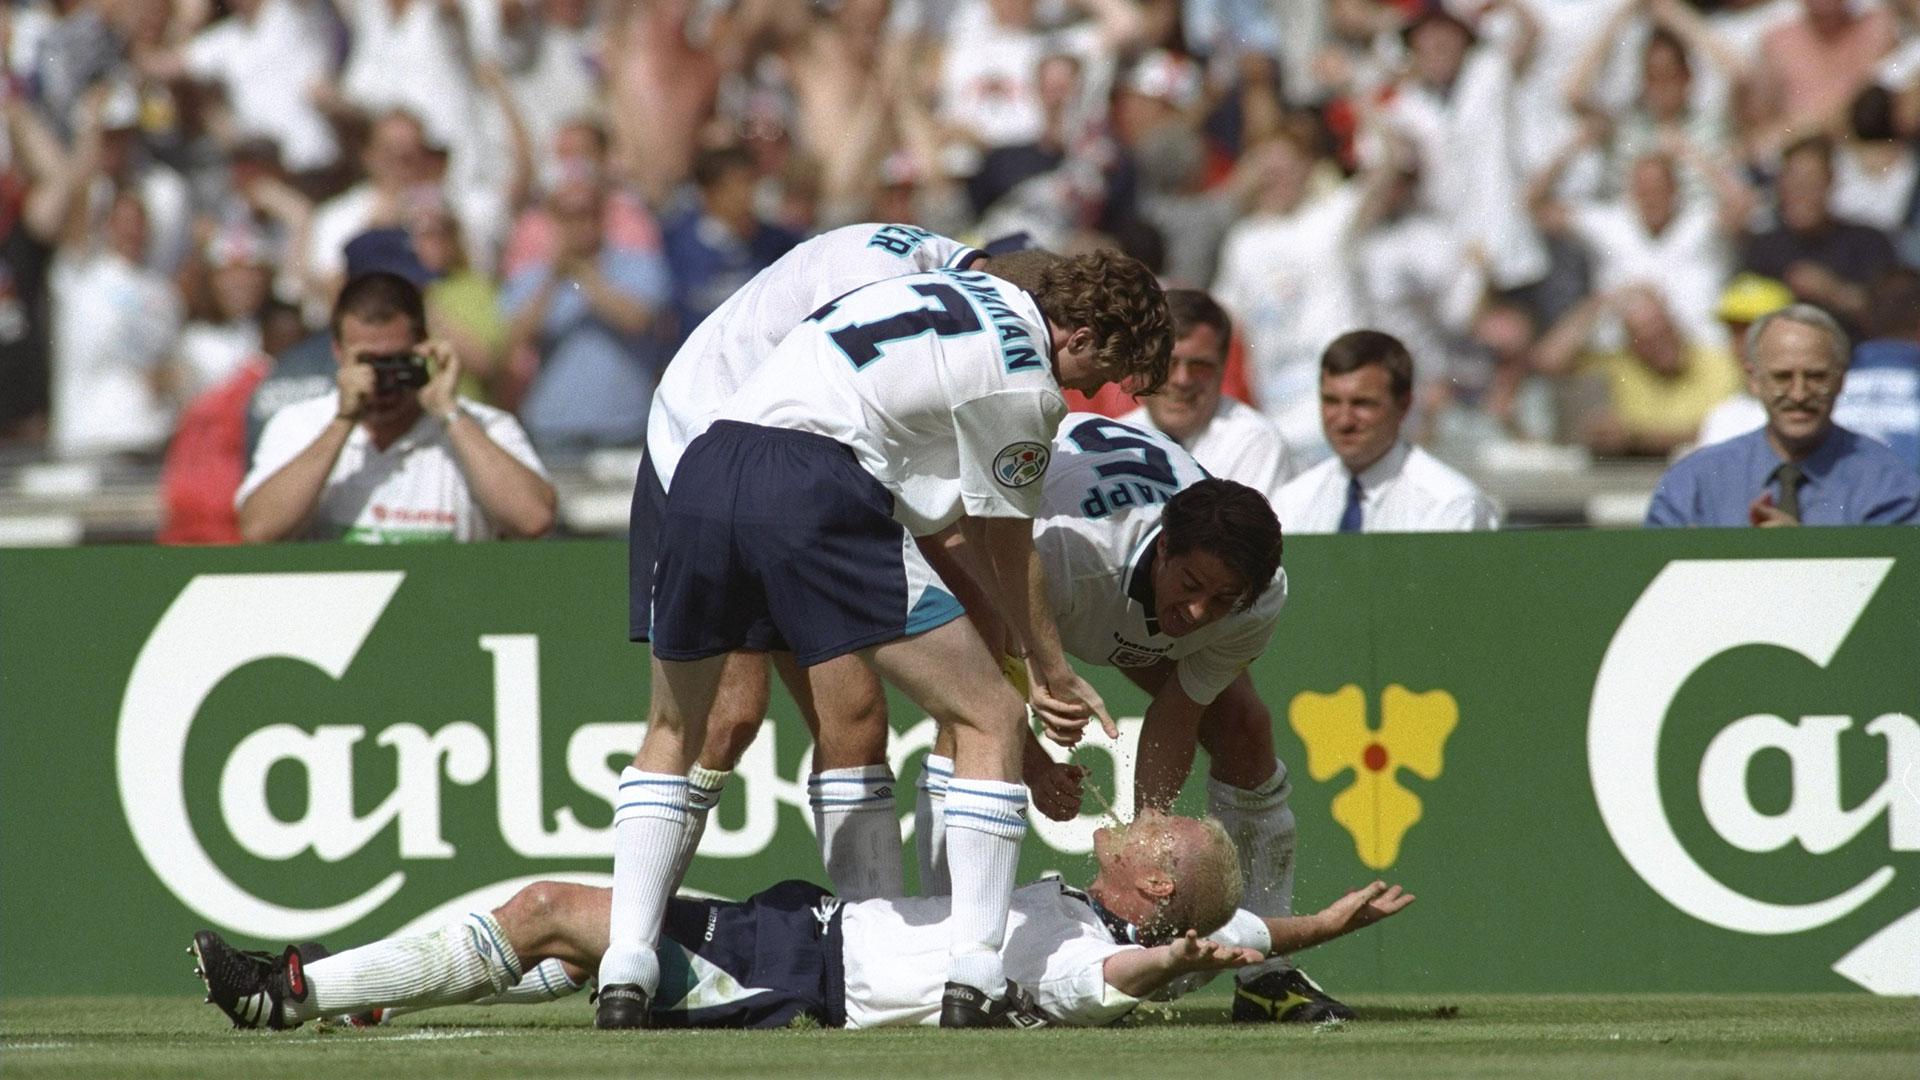 Explained: Gascoigne's iconic Euro 96 celebration in England vs Scotland classic